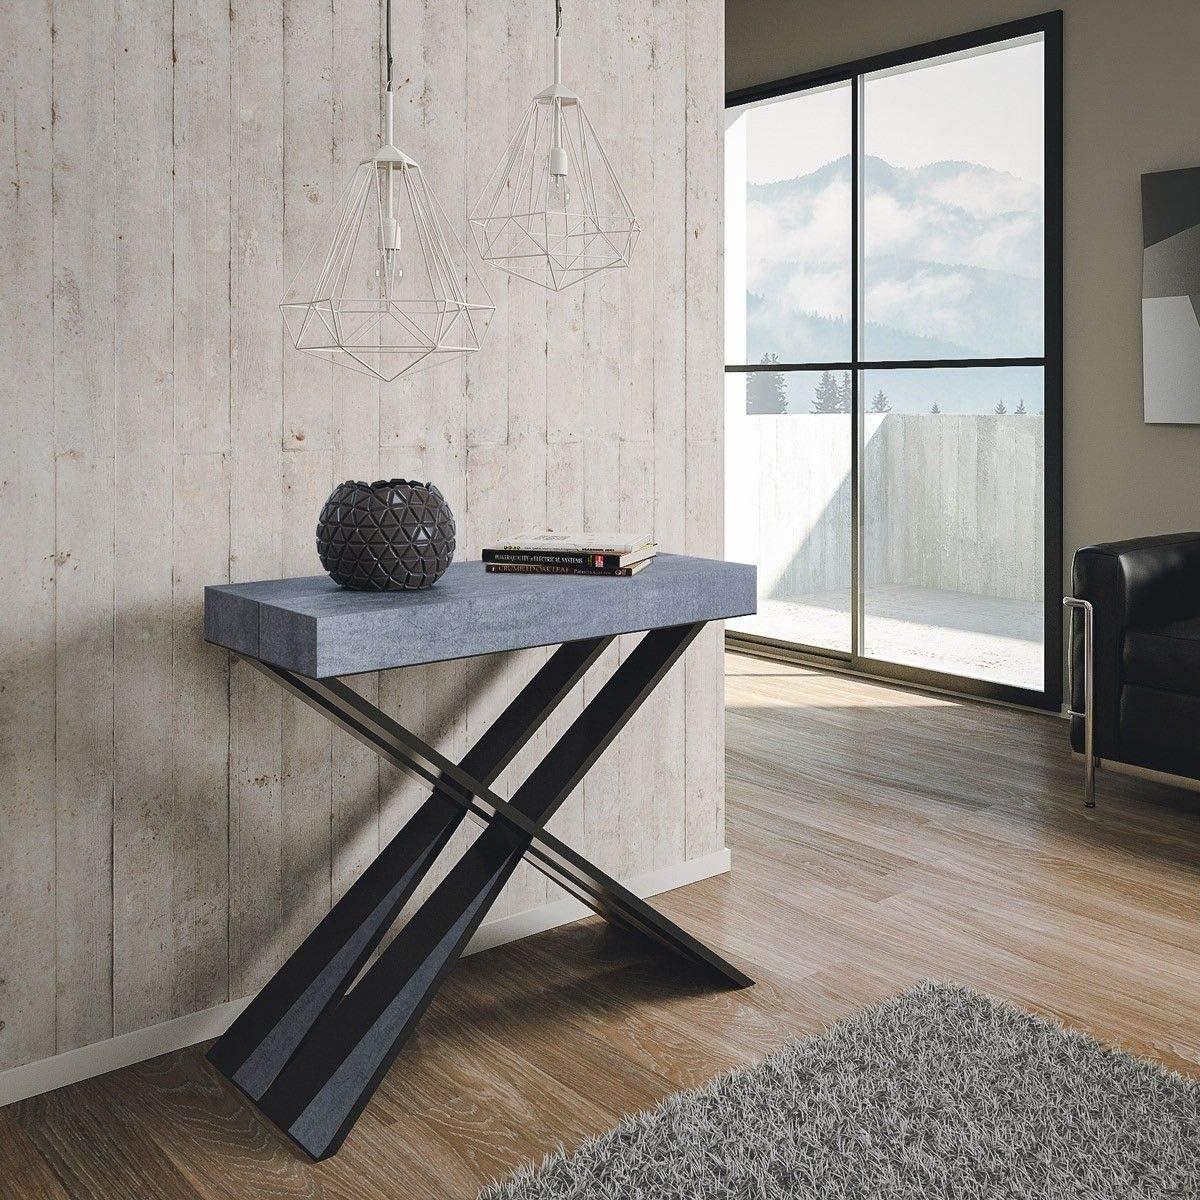 Itamoby Diago 90 cm Consola Extensible, Paneles de nobilitato ...